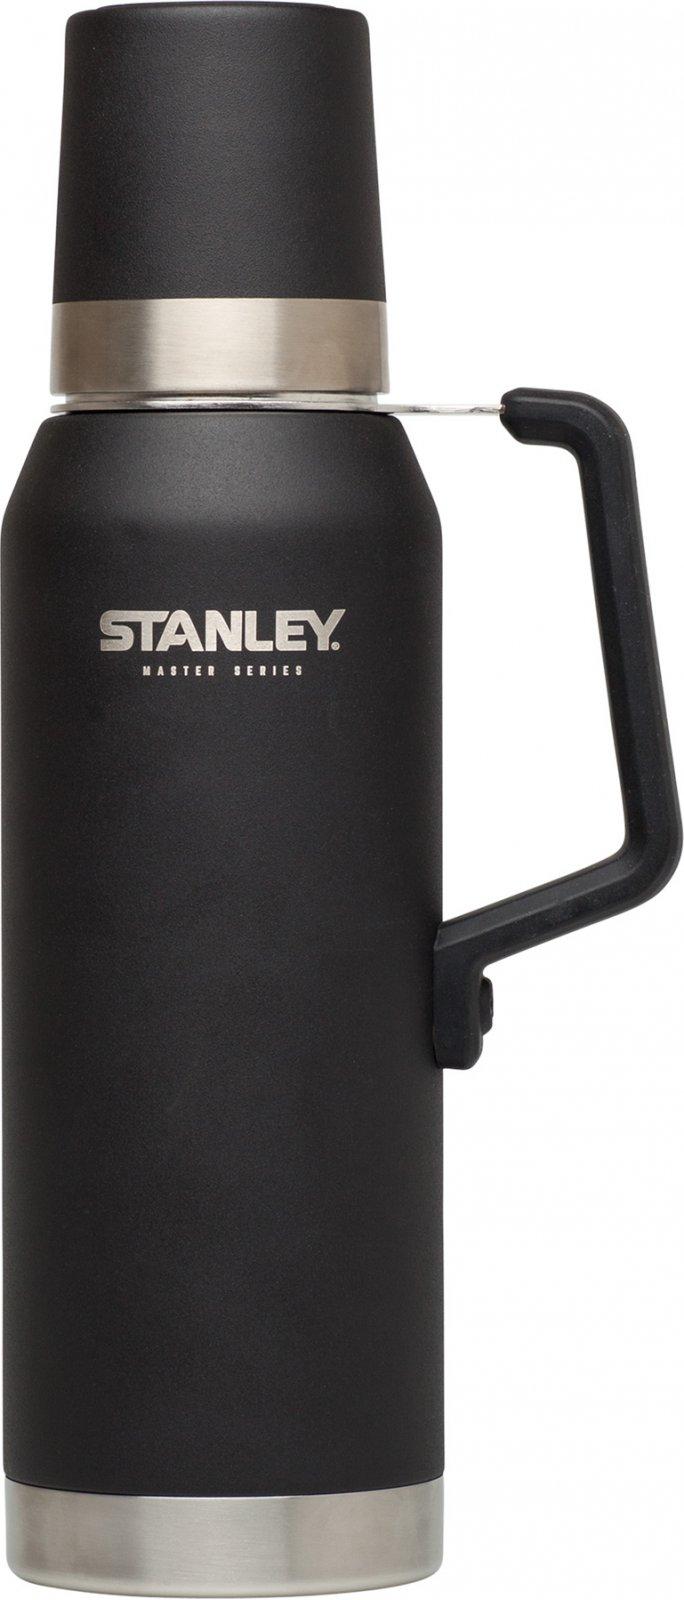 Stanley Master series Foundry Black od 1 897 Kč • Zboží.cz d592ae96721